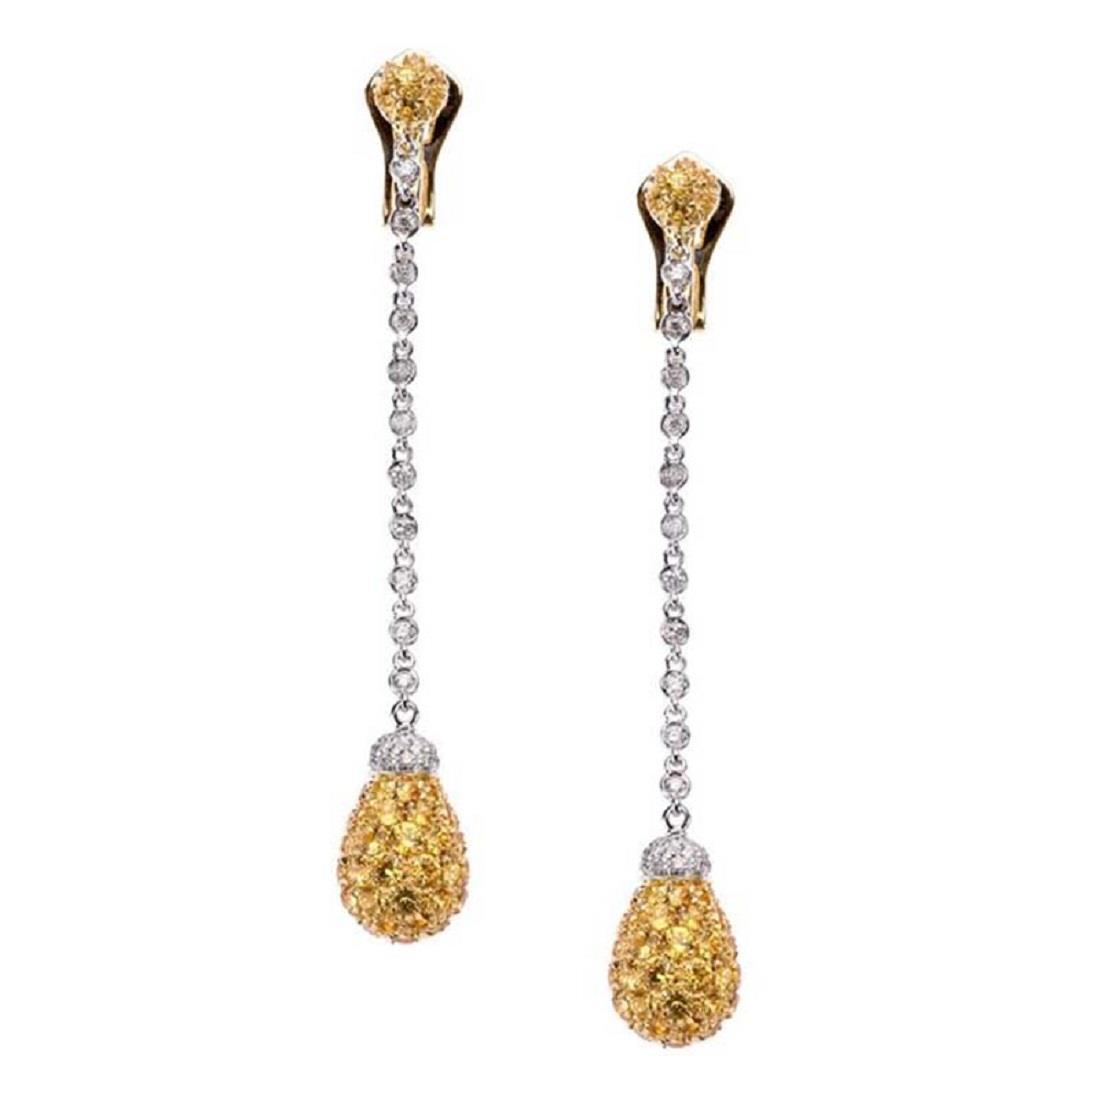 Orecchini pendenti con diamanti ezaffiri gialli - CHANTECLER